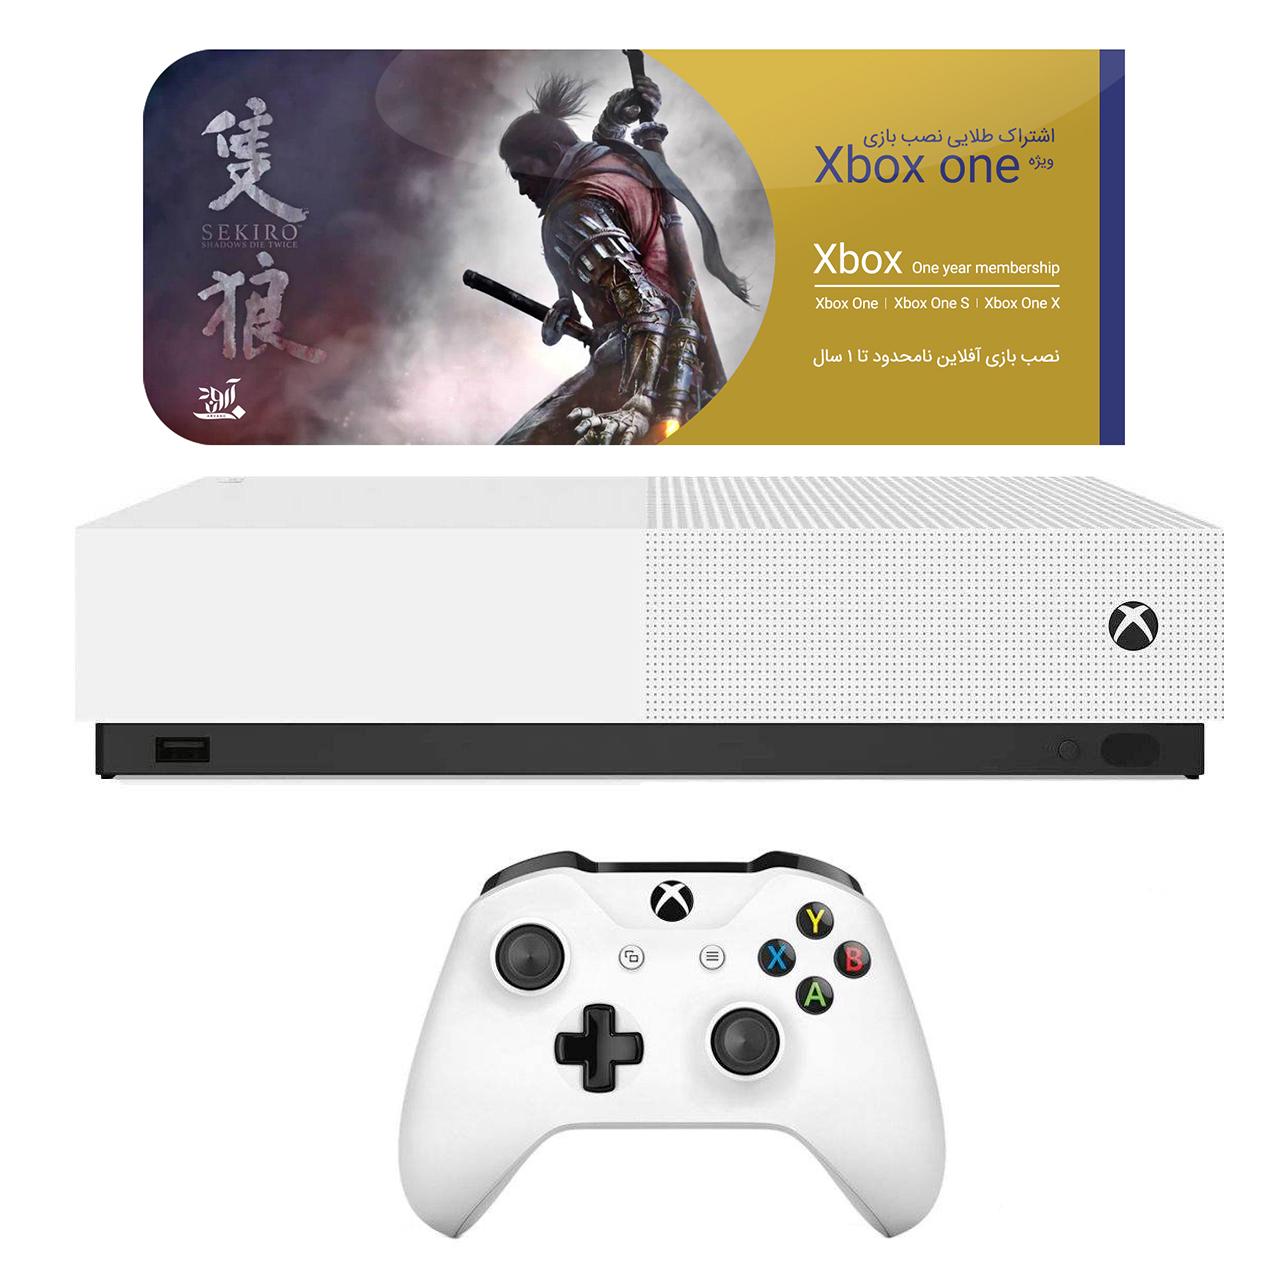 مجموعه کنسول بازی مایکروسافت مدل Xbox One S All Digital ظرفیت ۱ ترابایت به همراه ۲۰ عدد بازی